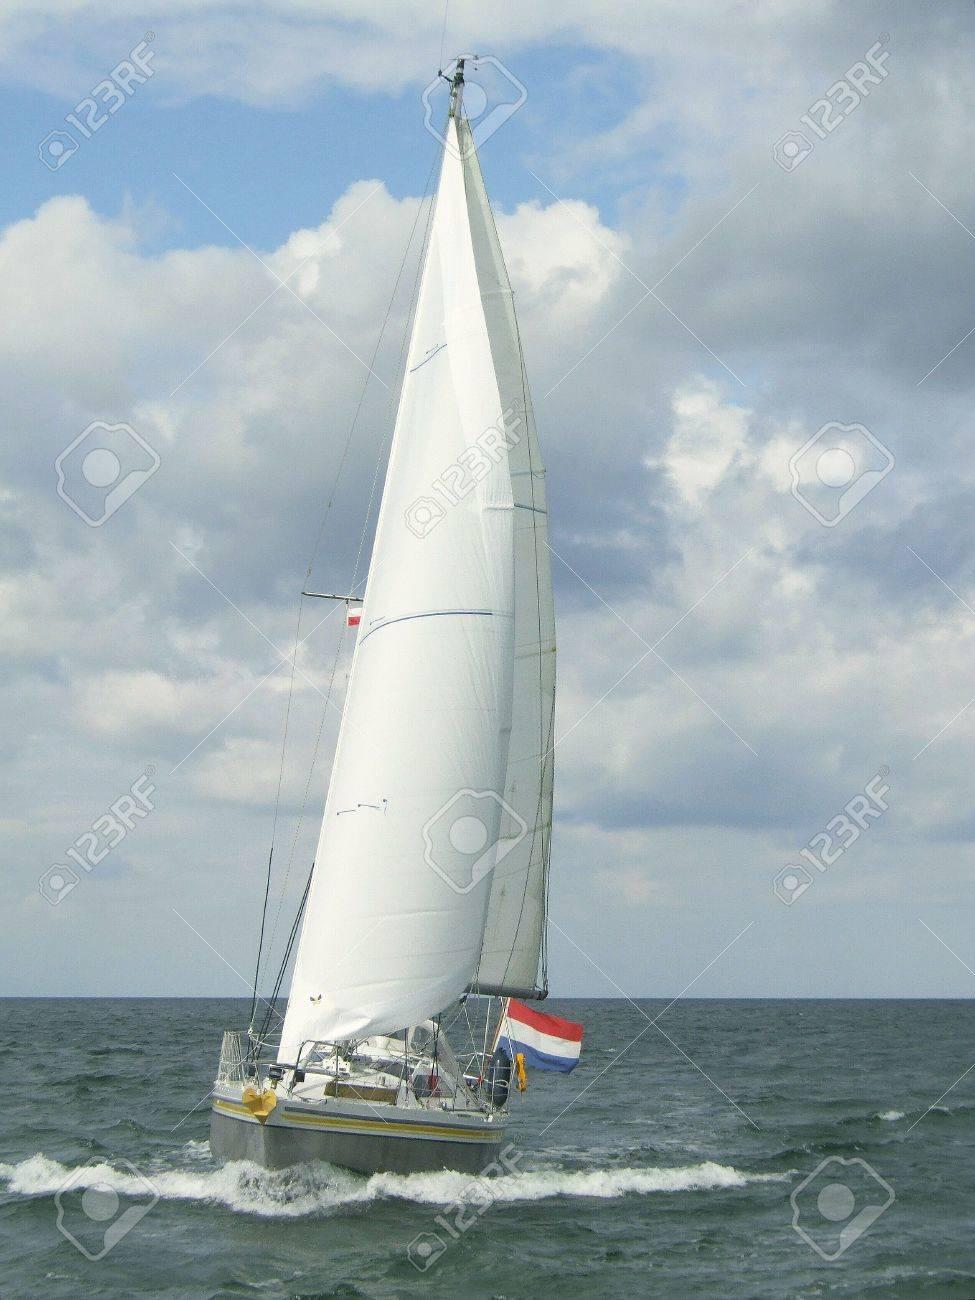 sailing yacht at sea Stock Photo - 2736116